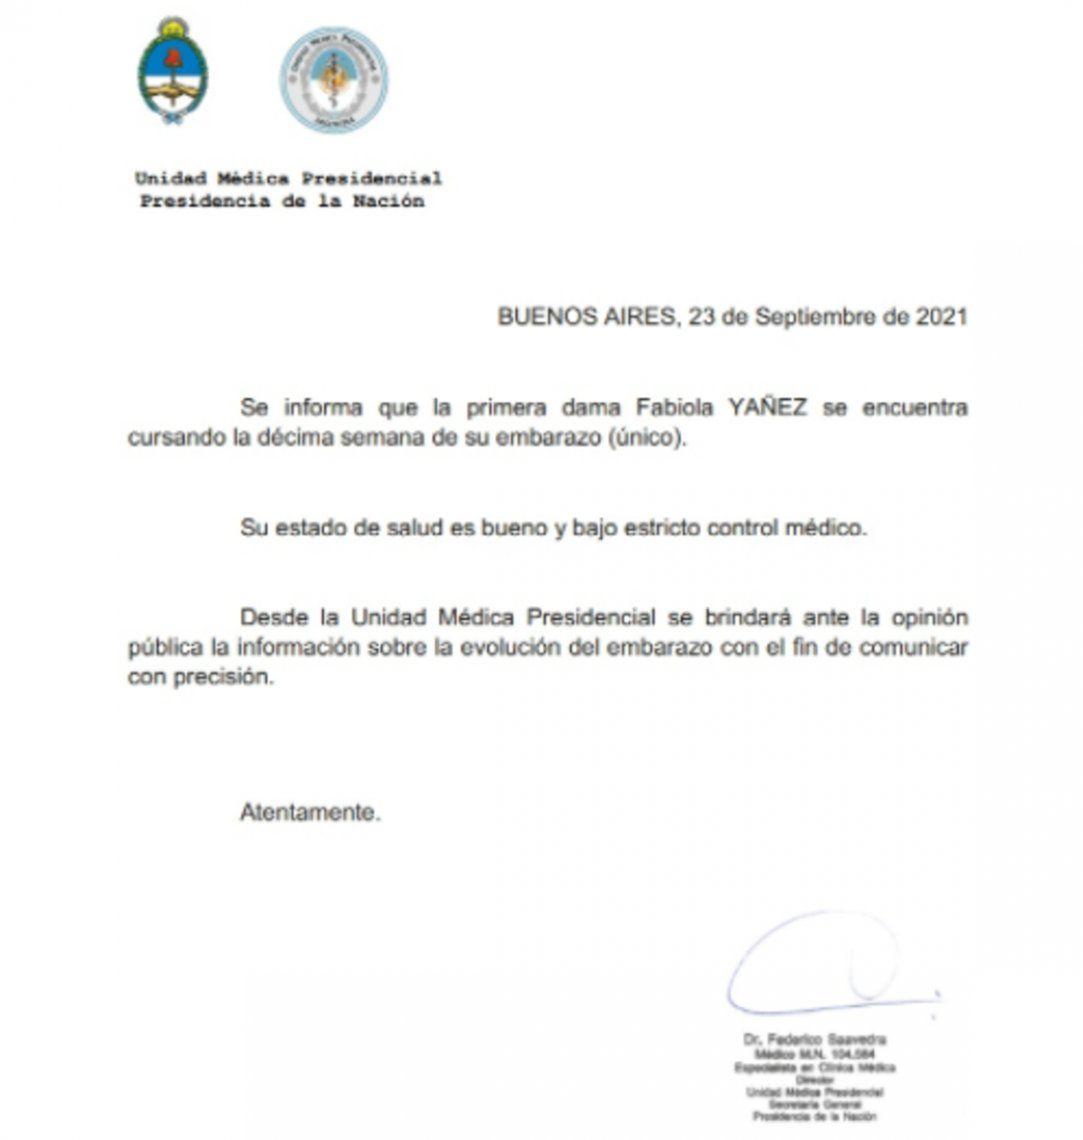 El comunicado que confirma el embarazo de la primera dama, Fabio Yáñez.